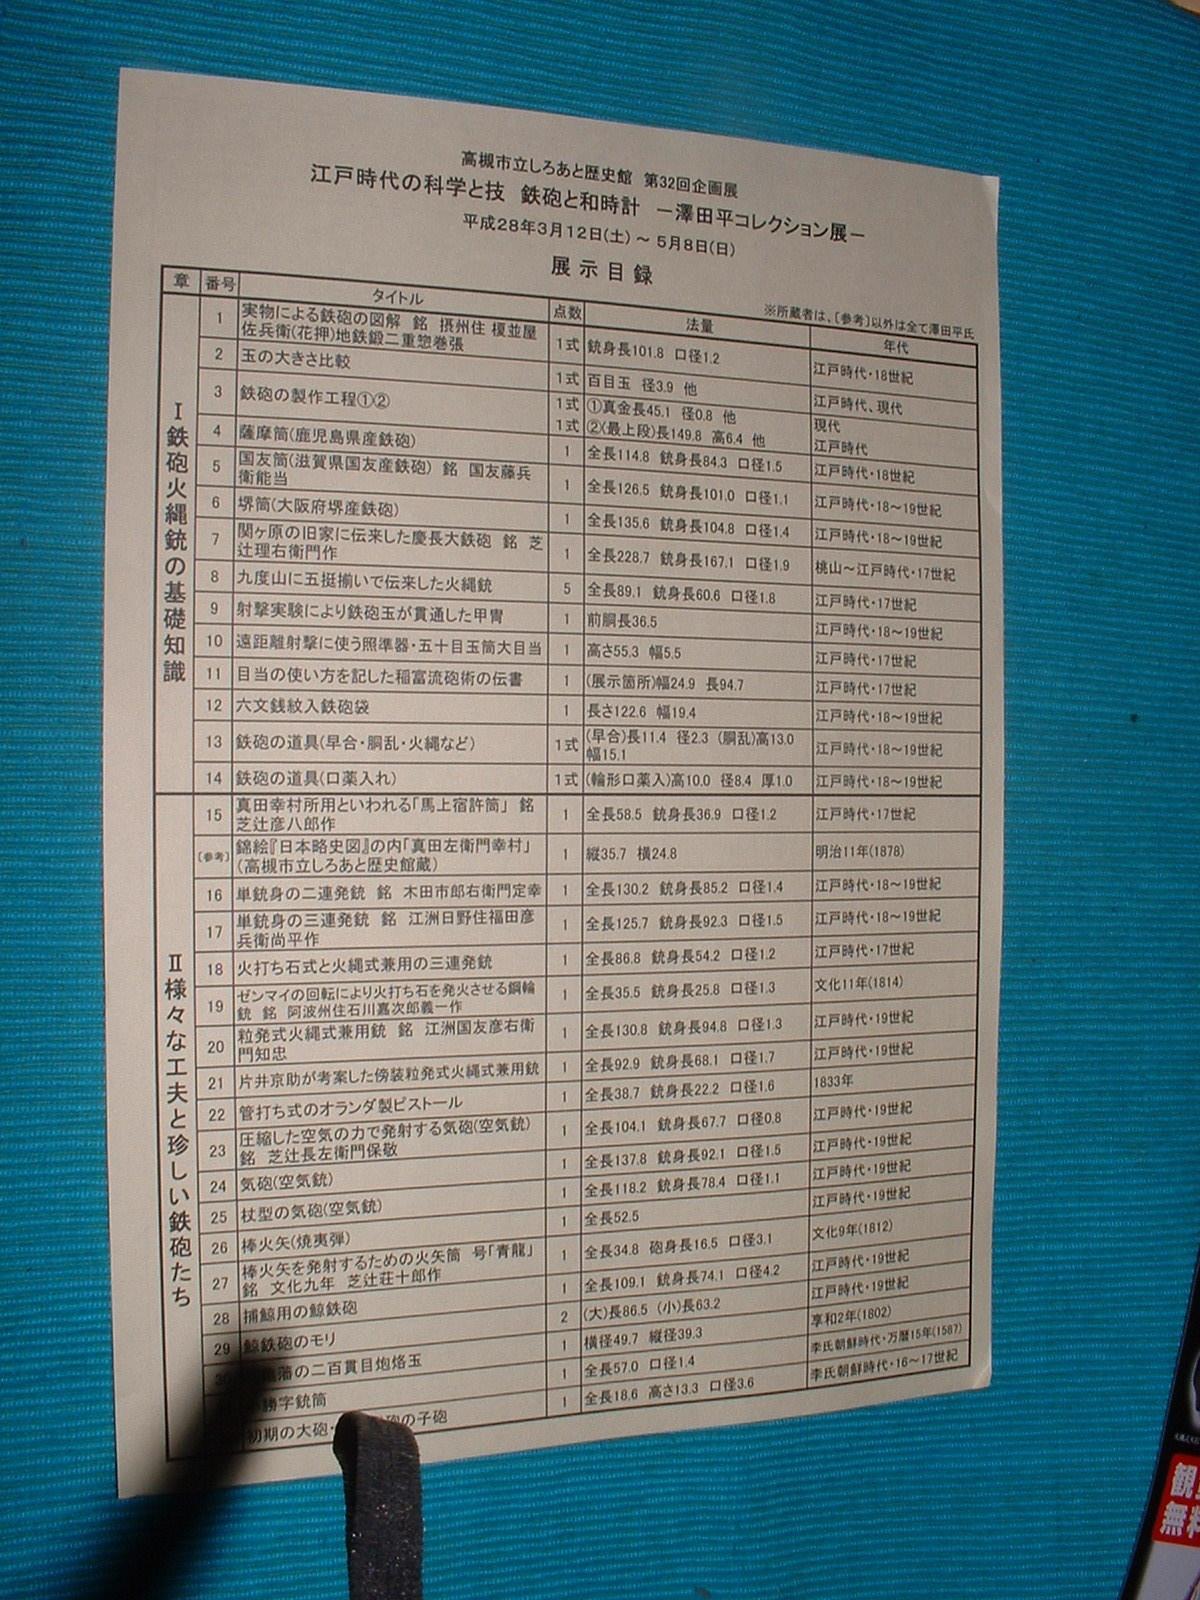 高槻市立しろあと歴史館 第32回企画展目録2.JPG